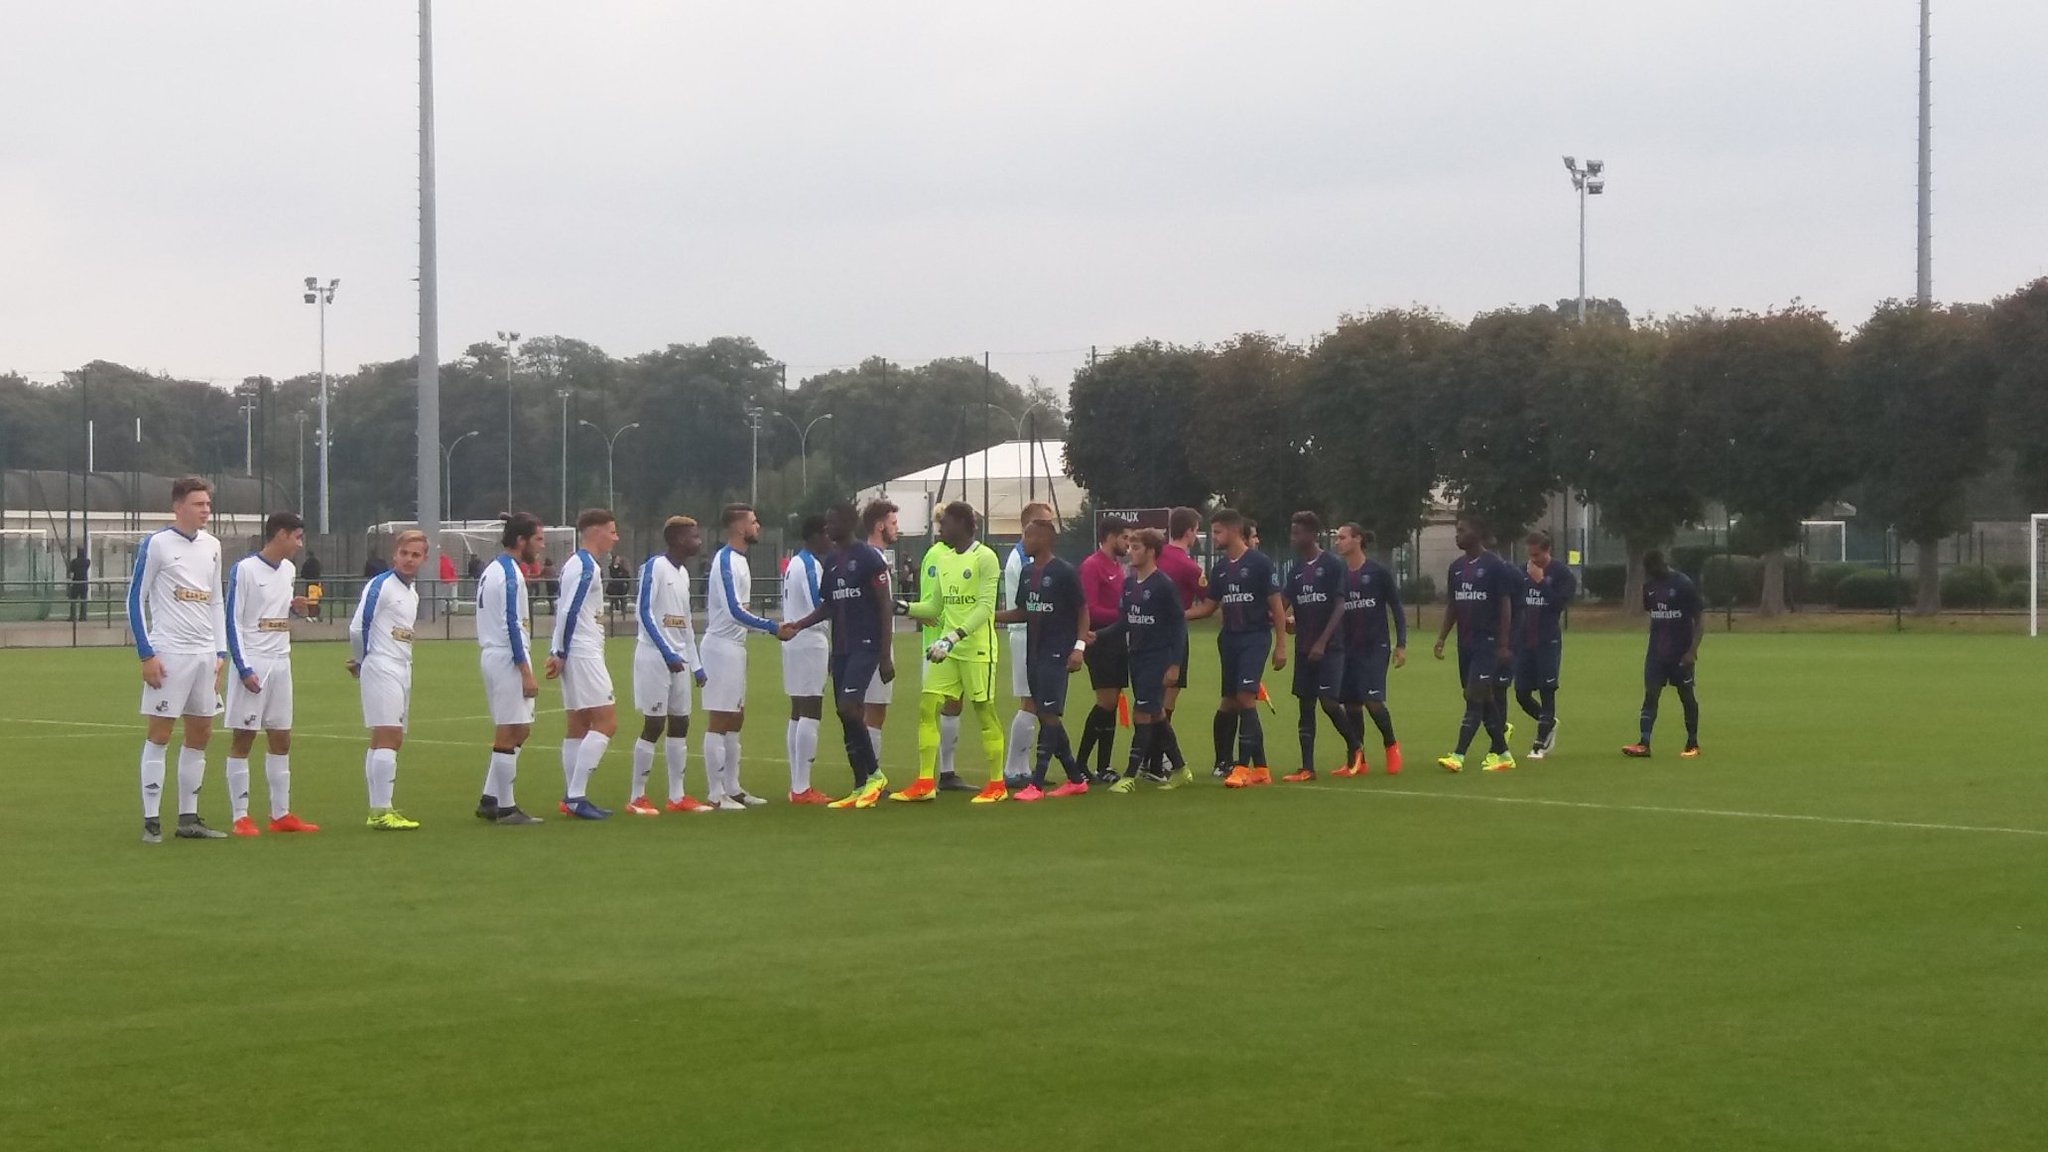 PSG/Amiens U19